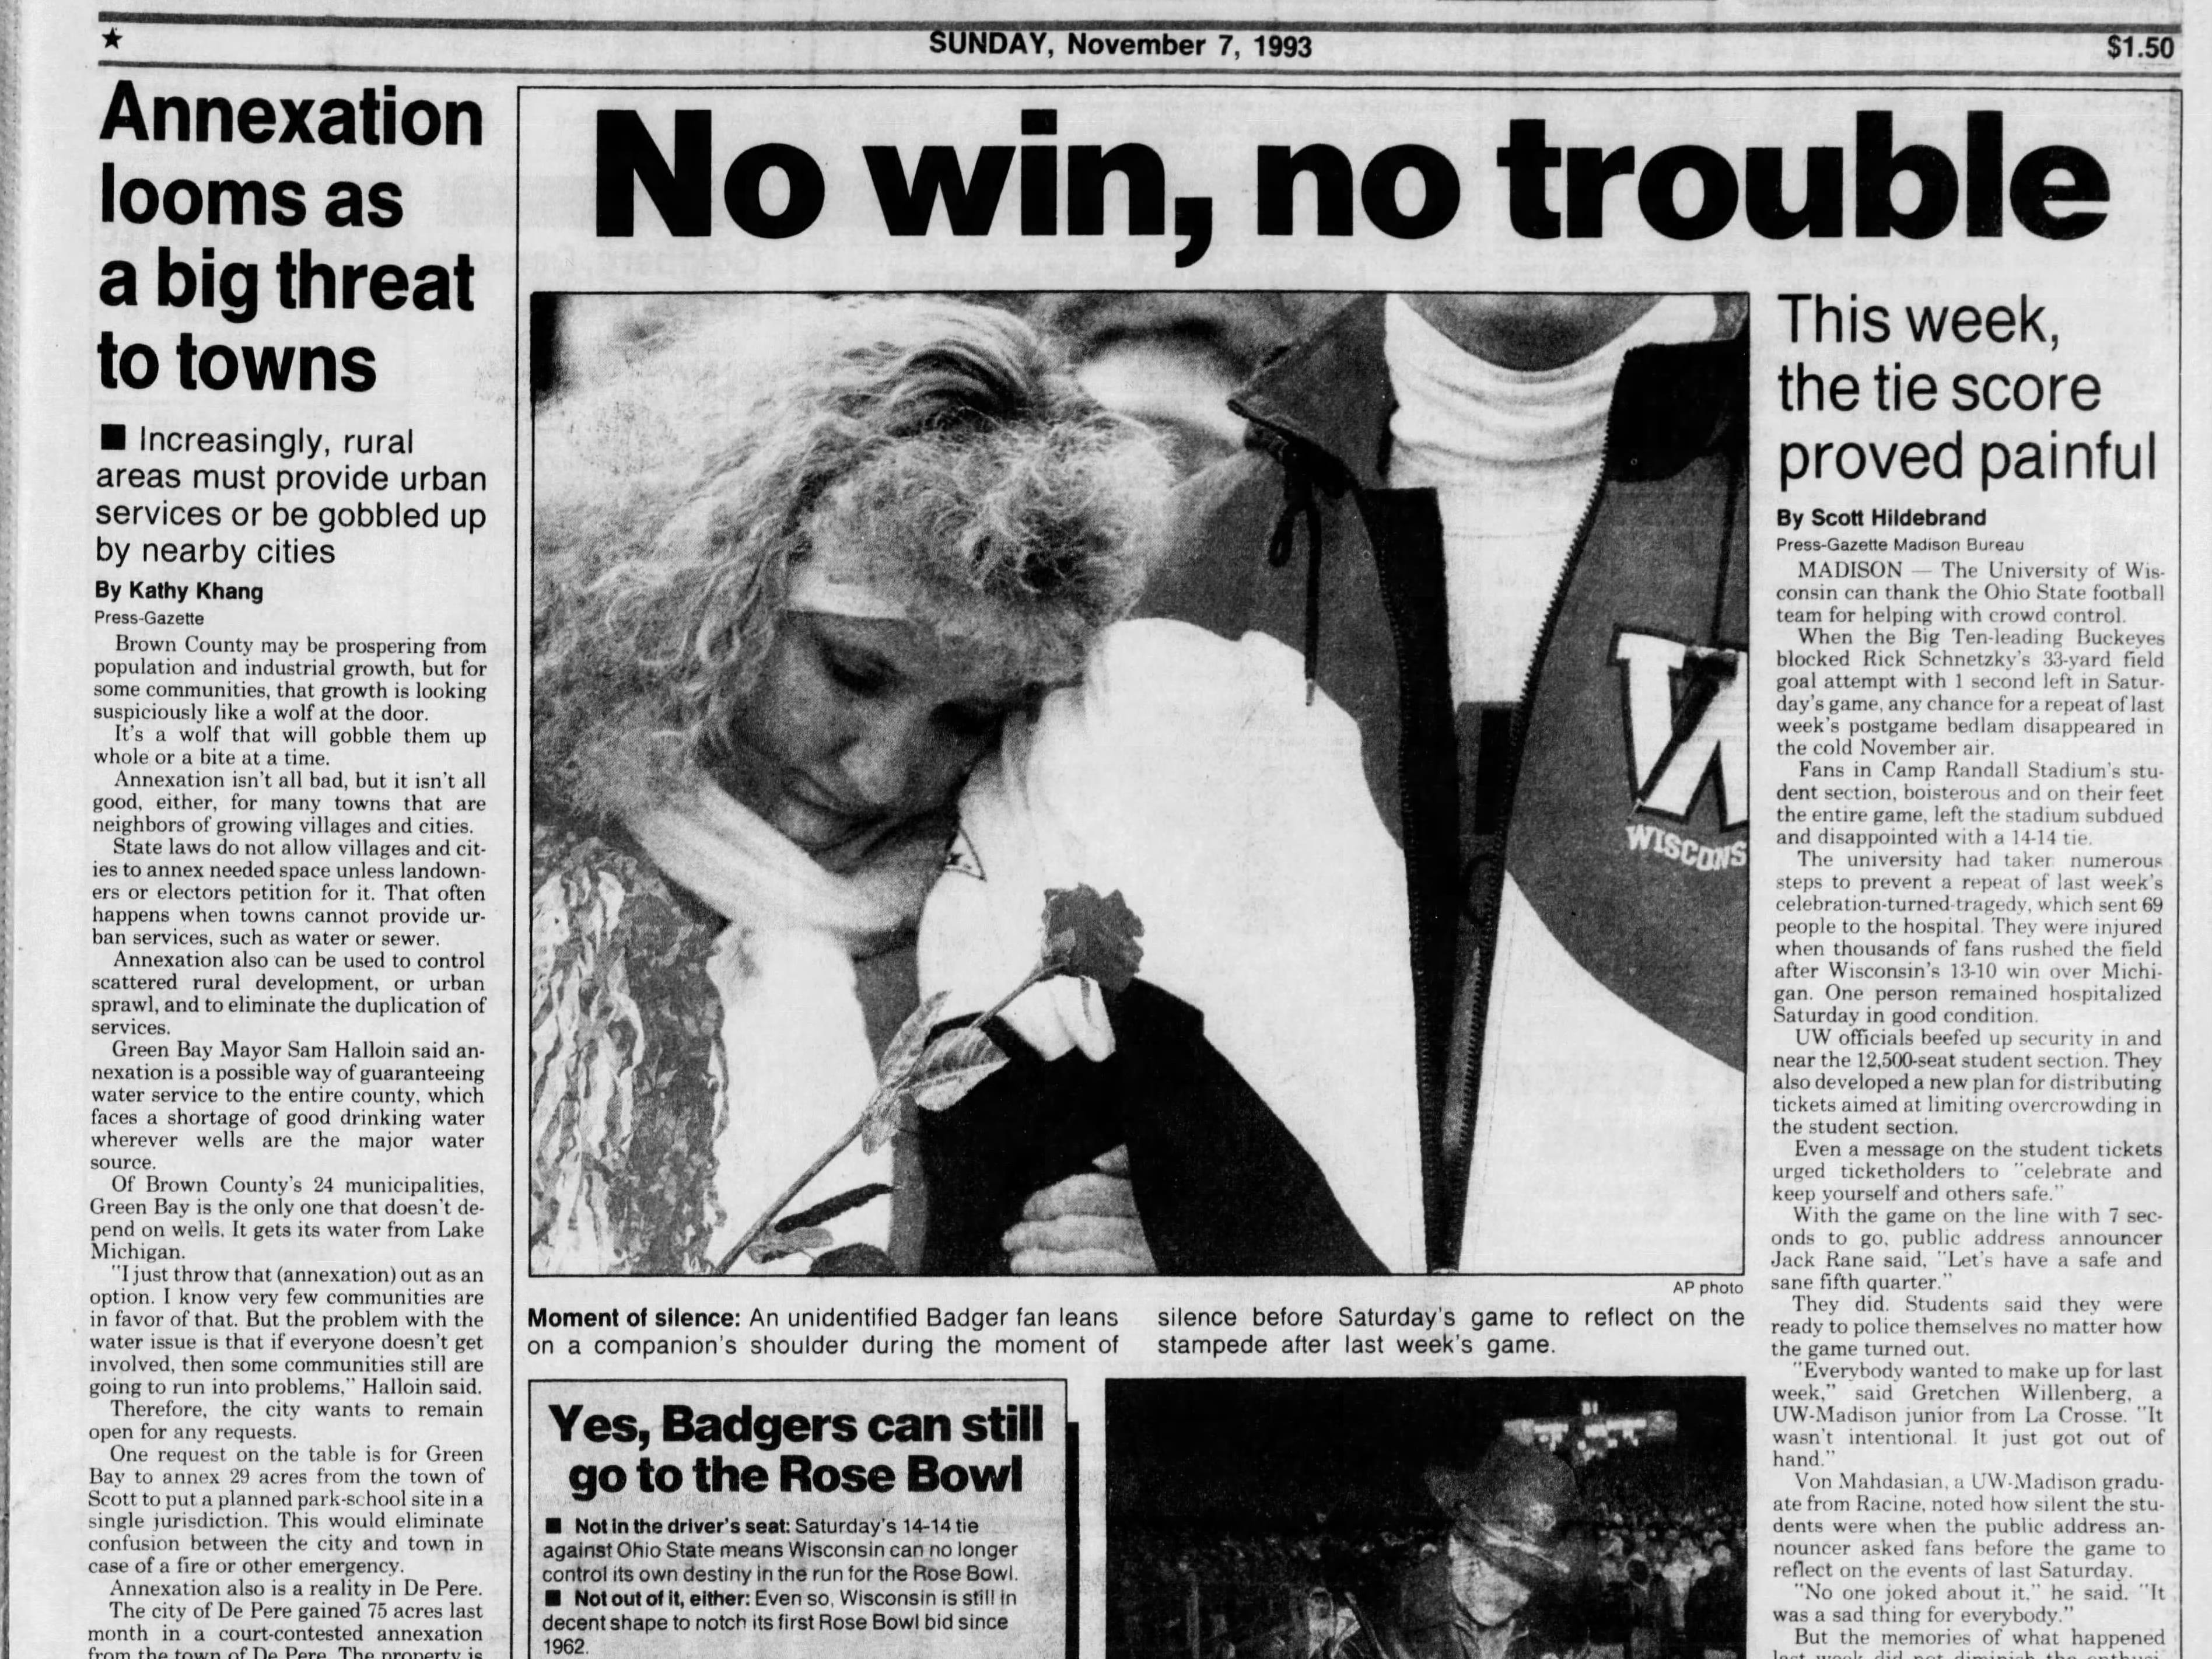 Today in History: Nov. 7, 1993